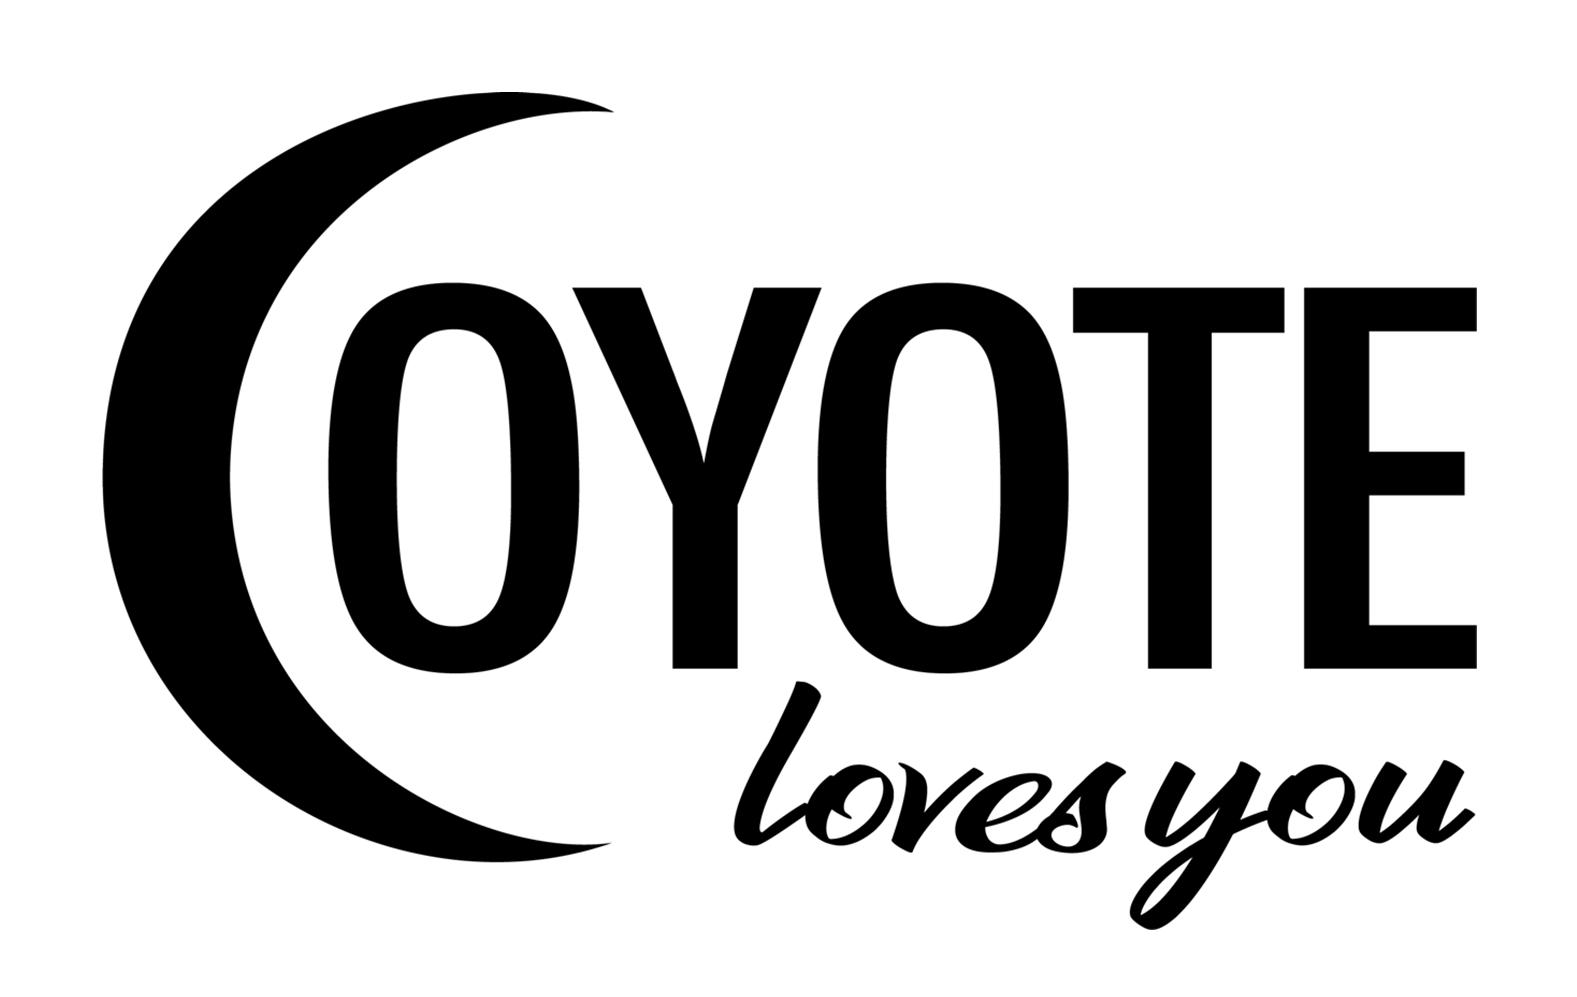 COYOTELOVESYOU